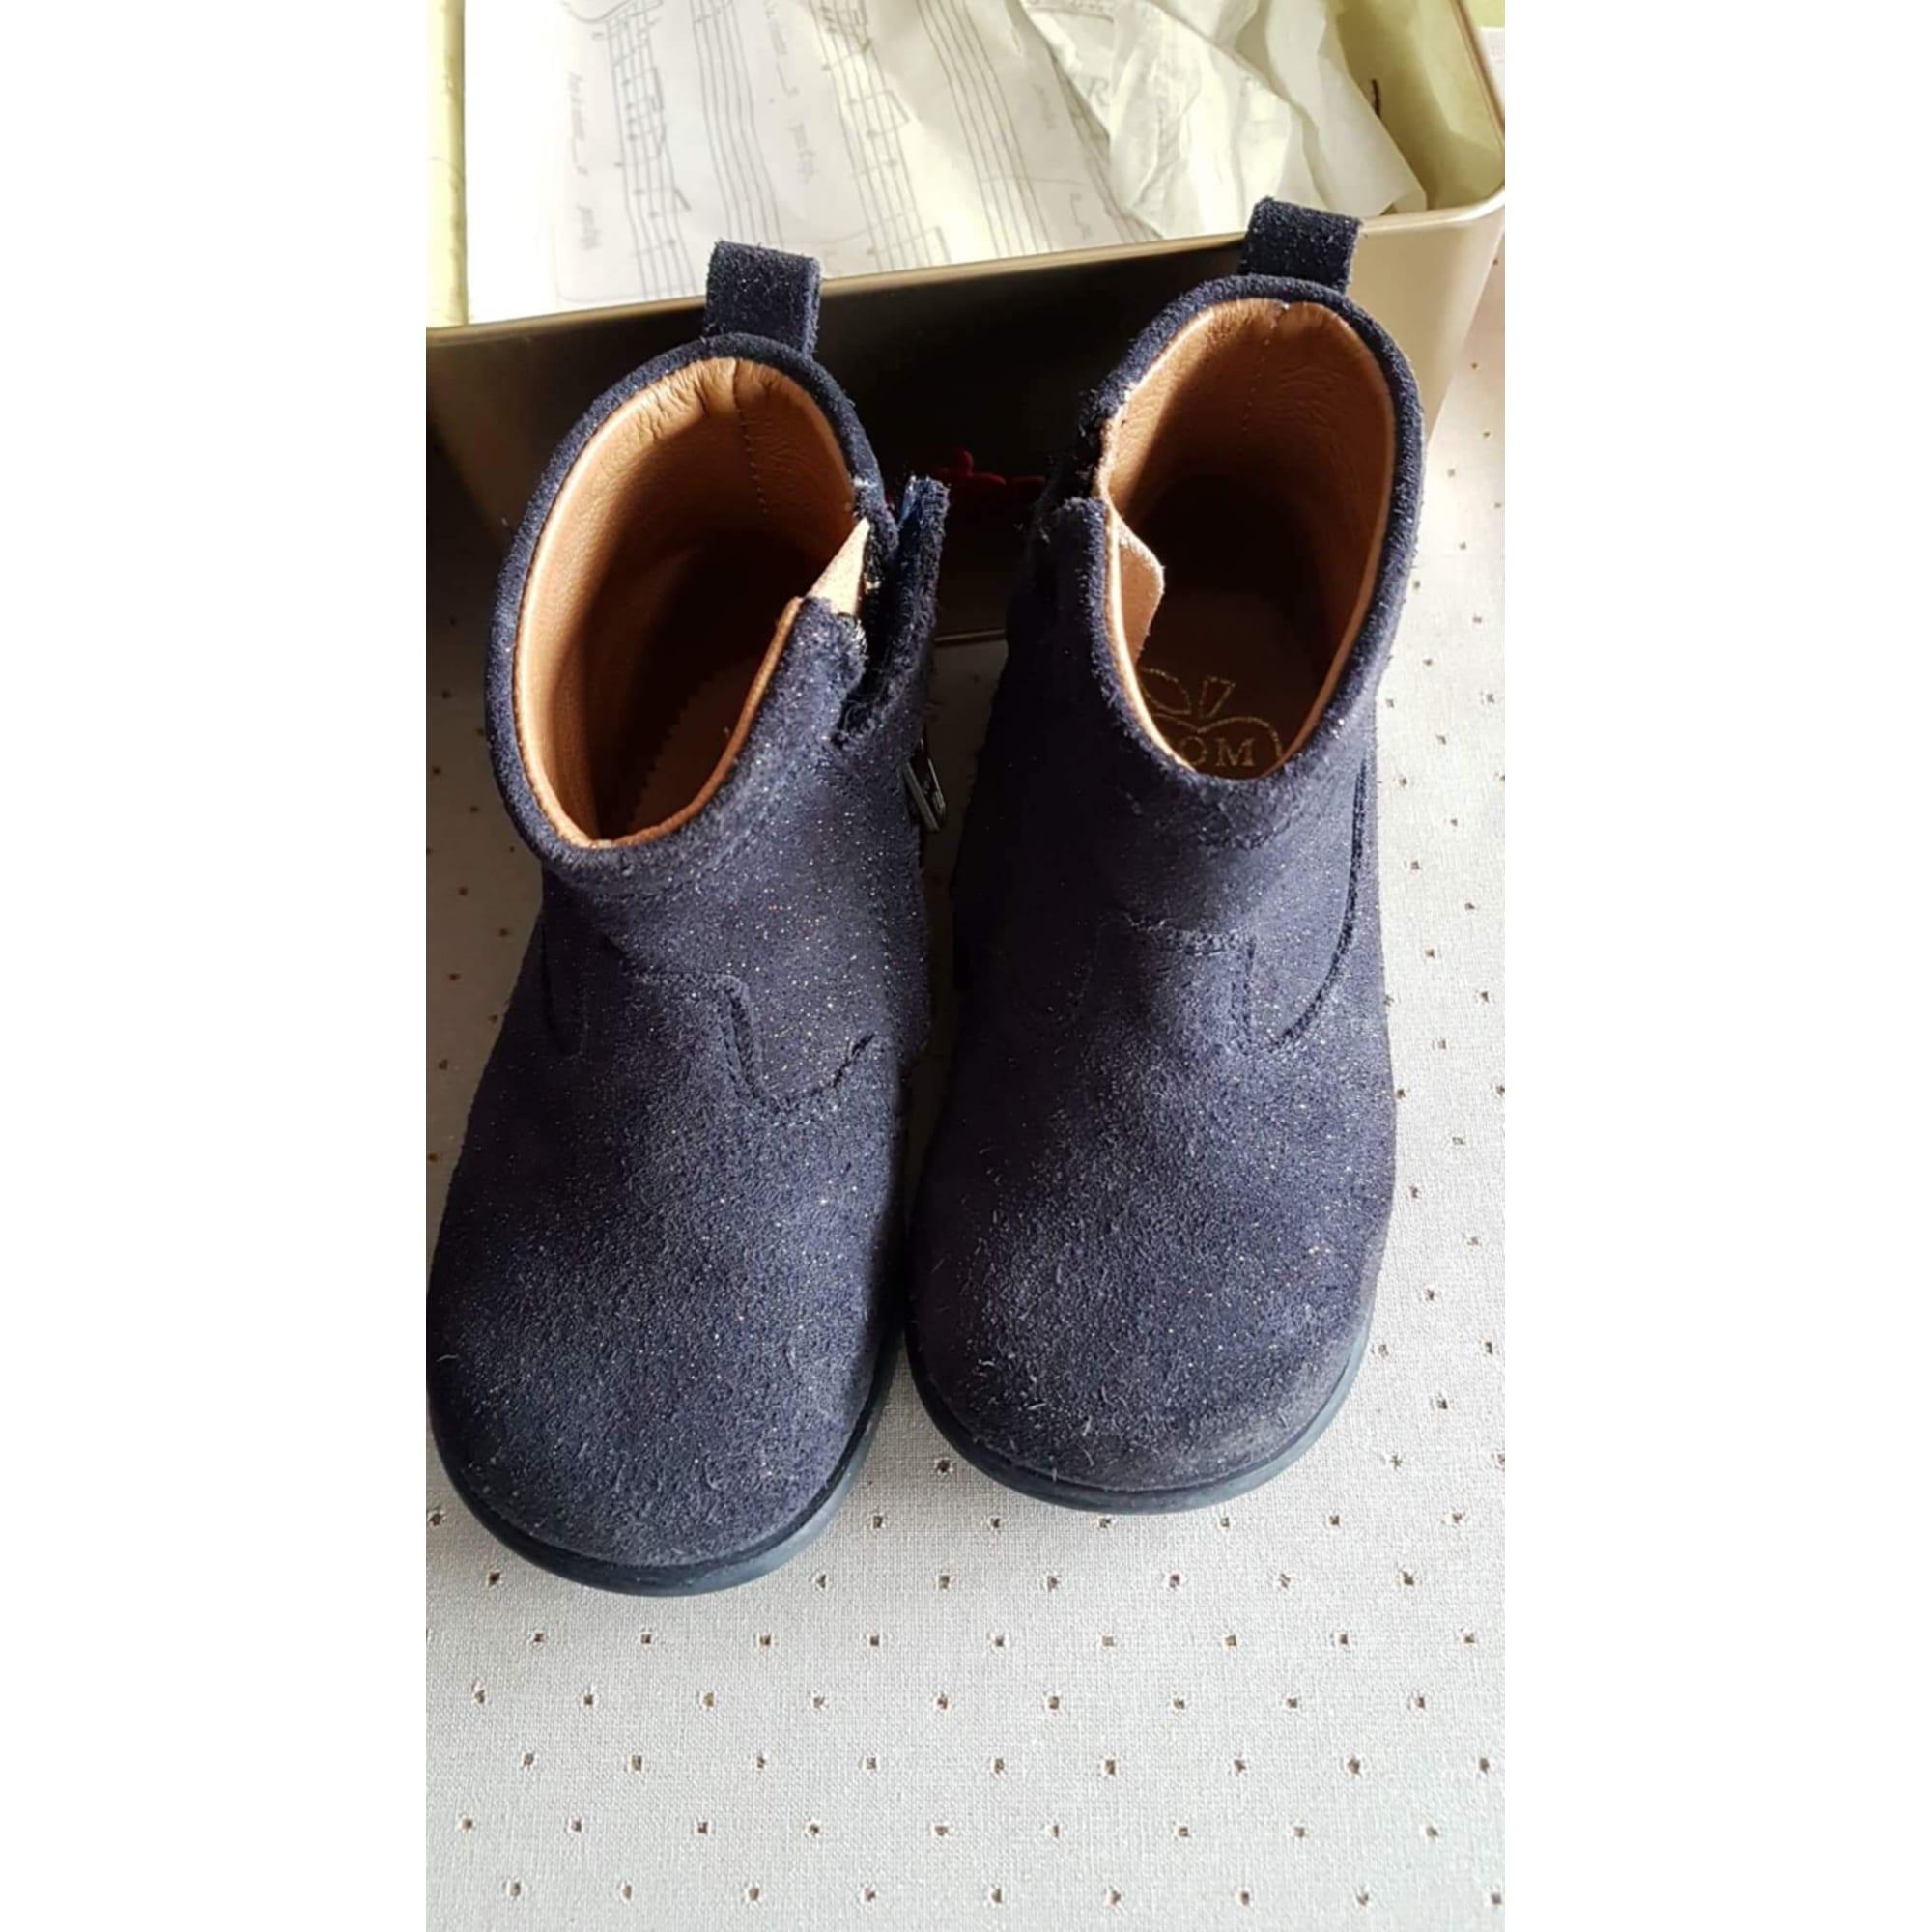 Bottines POM D'API Bleu, bleu marine, bleu turquoise